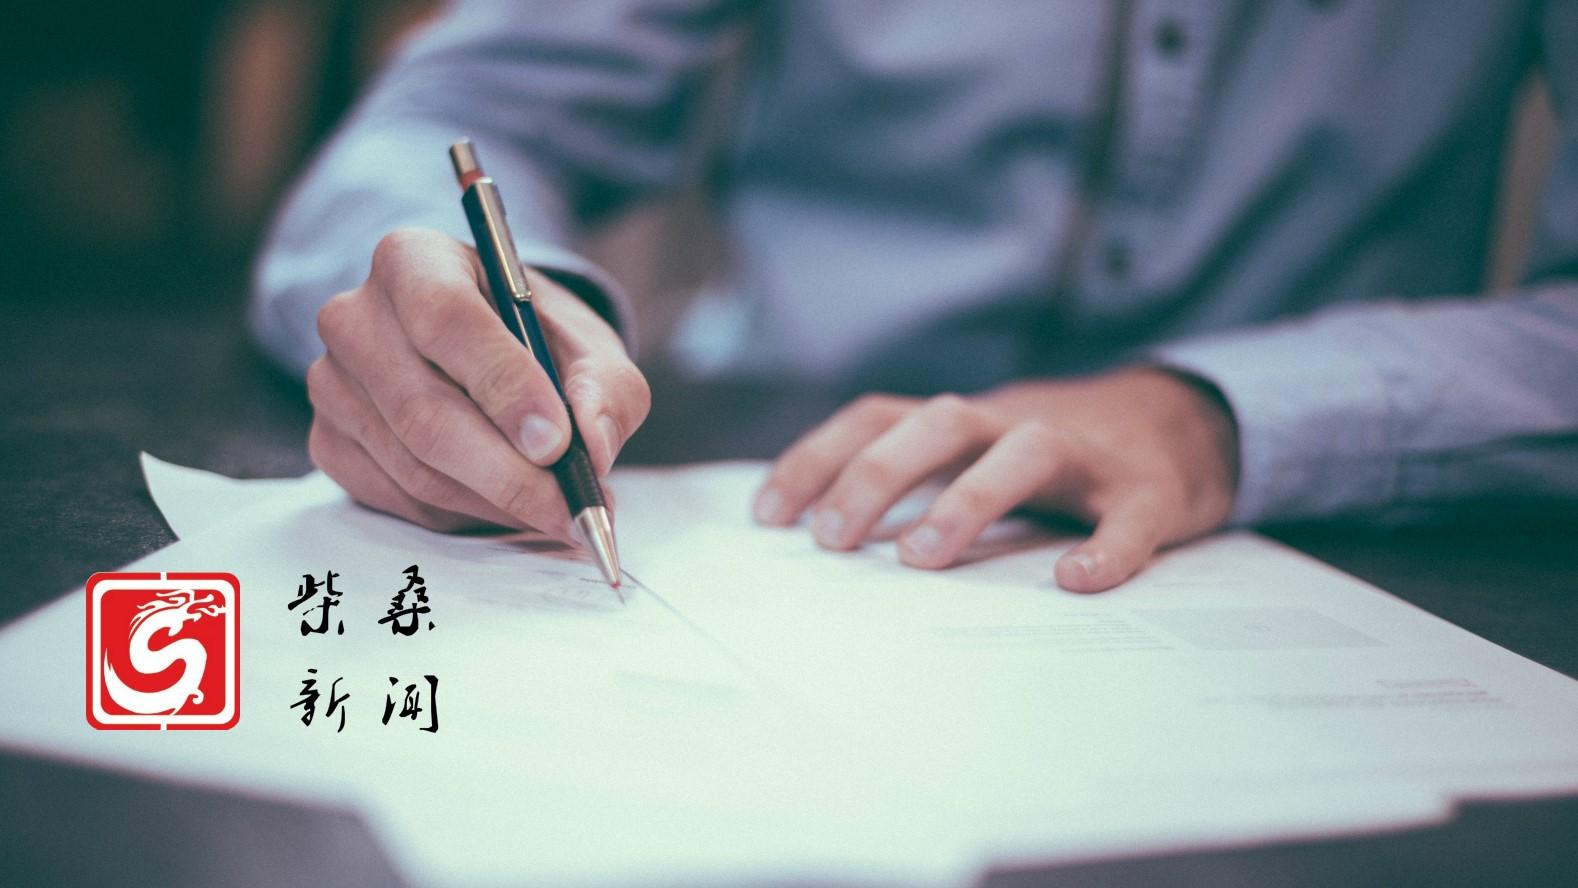 【柴桑新闻】为法治强国而歌、为法治九江而行 ——我所刘晖主任、汤雷律师被聘为九江市人民政府法律顾问